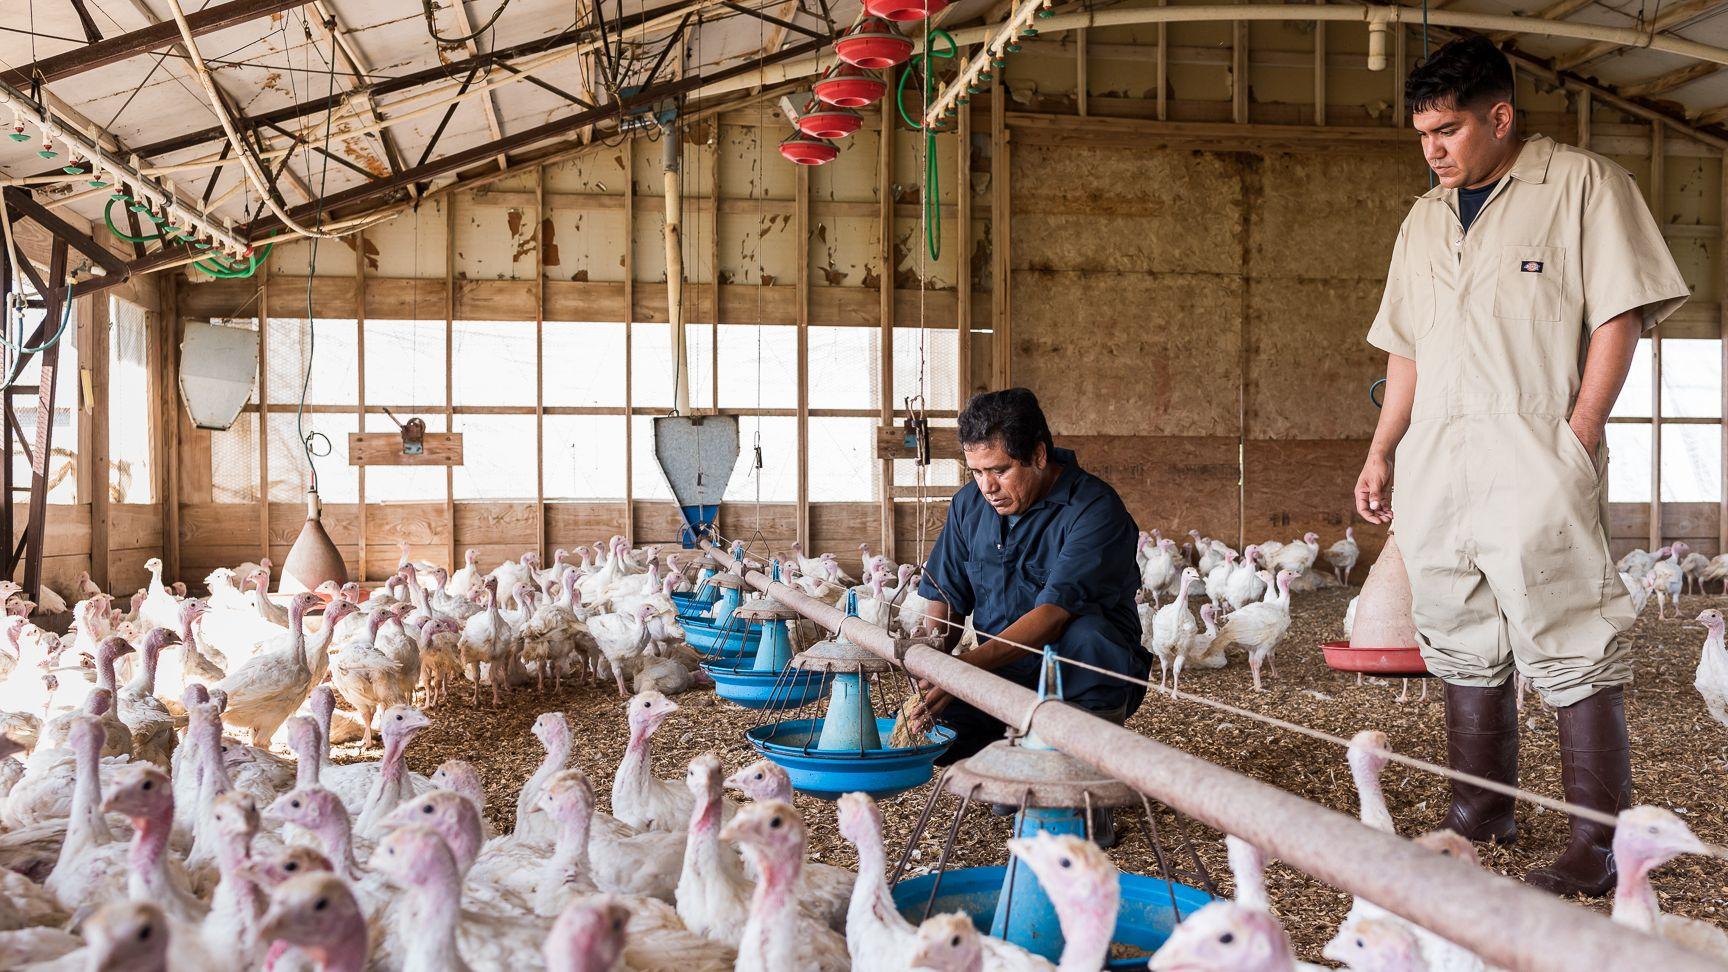 食のトレーサビリティに ブロックチェーンを活用、 七面鳥が実験台に